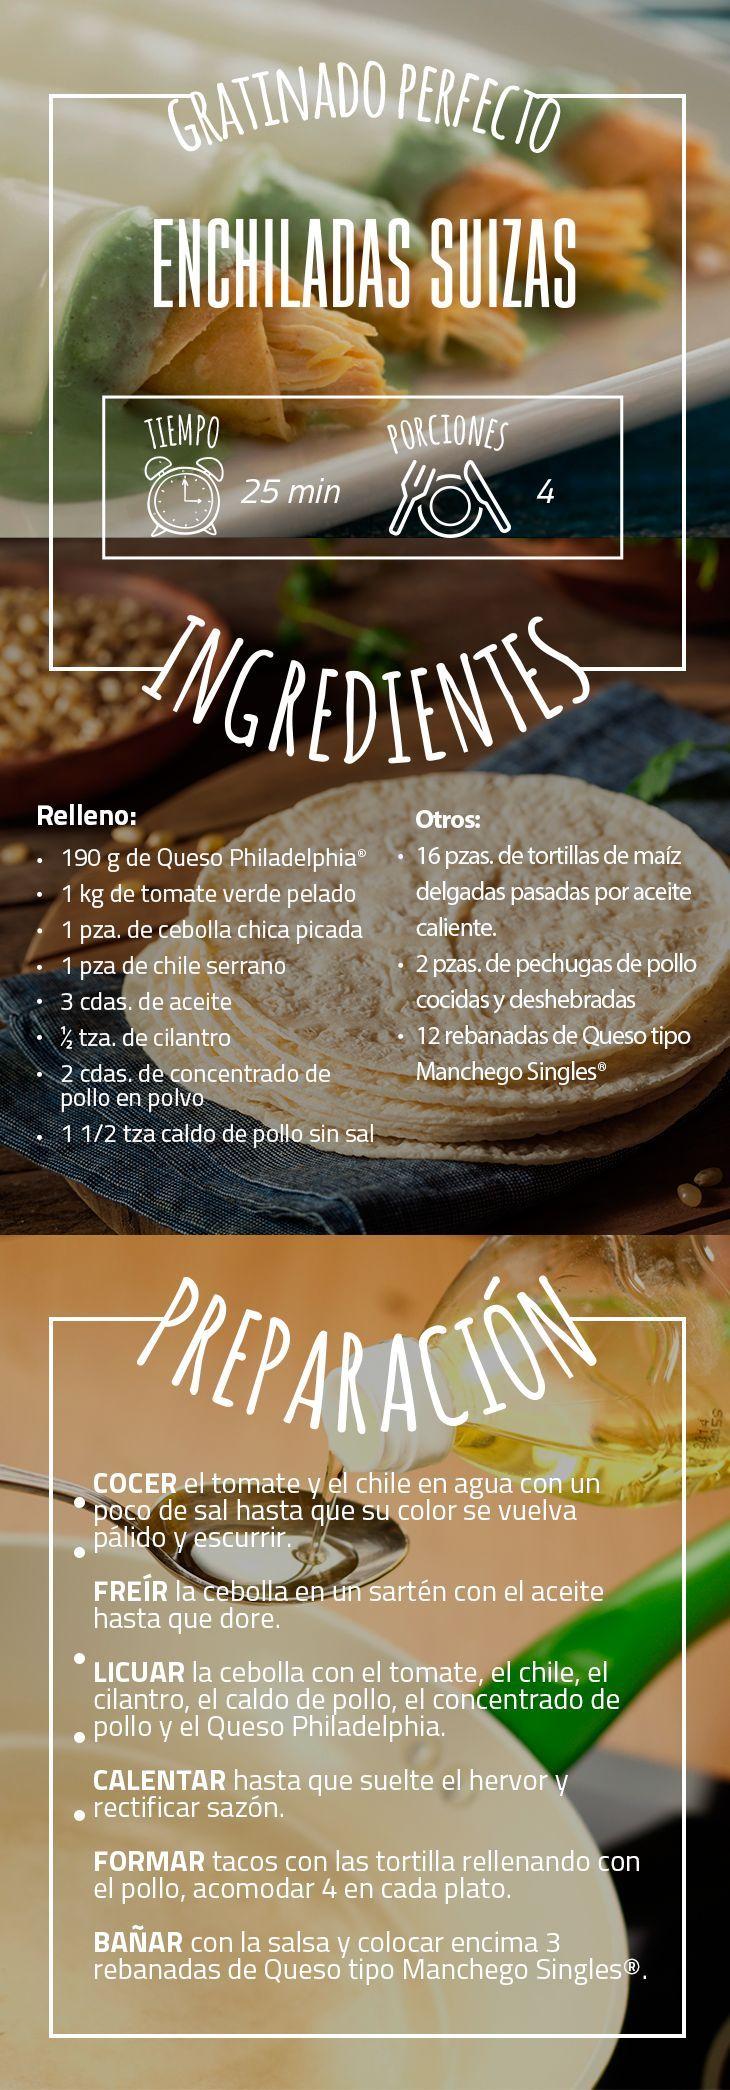 Para los amantes de las enchiladas, les mostramos una deliciosa receta que no se podrán resistir.